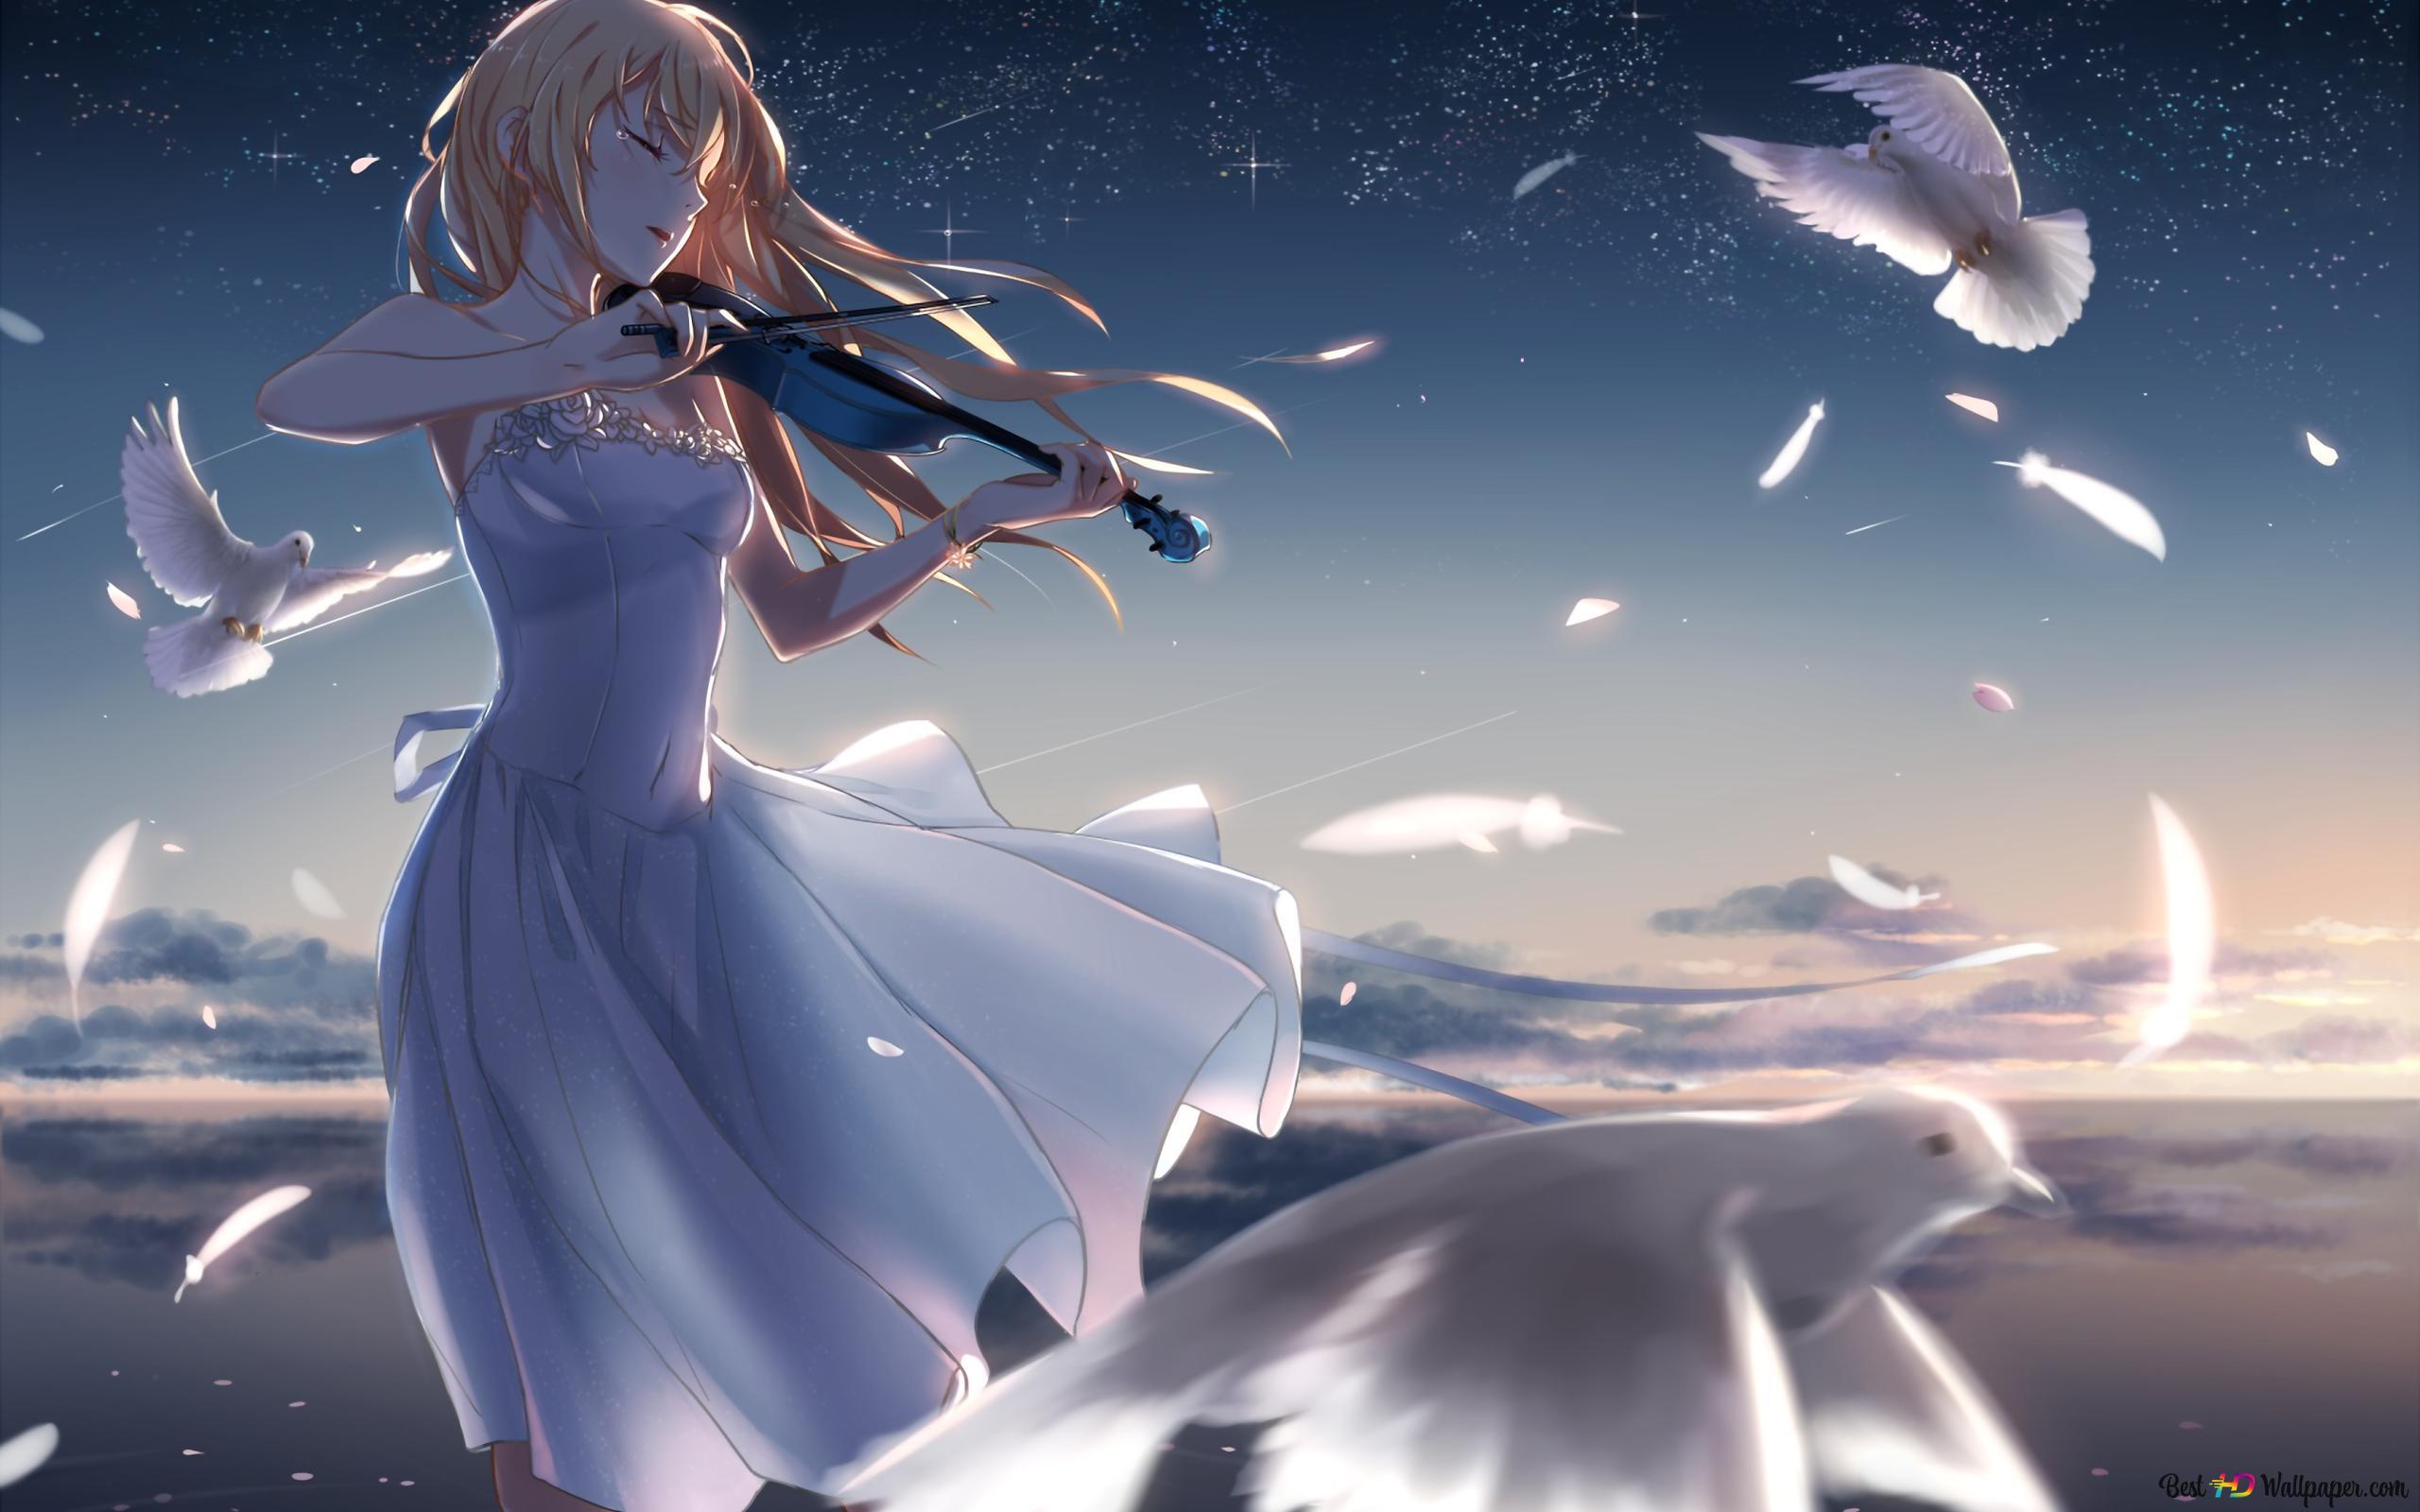 四月は君の嘘から バイオリンの女の子 Hd壁紙のダウンロード